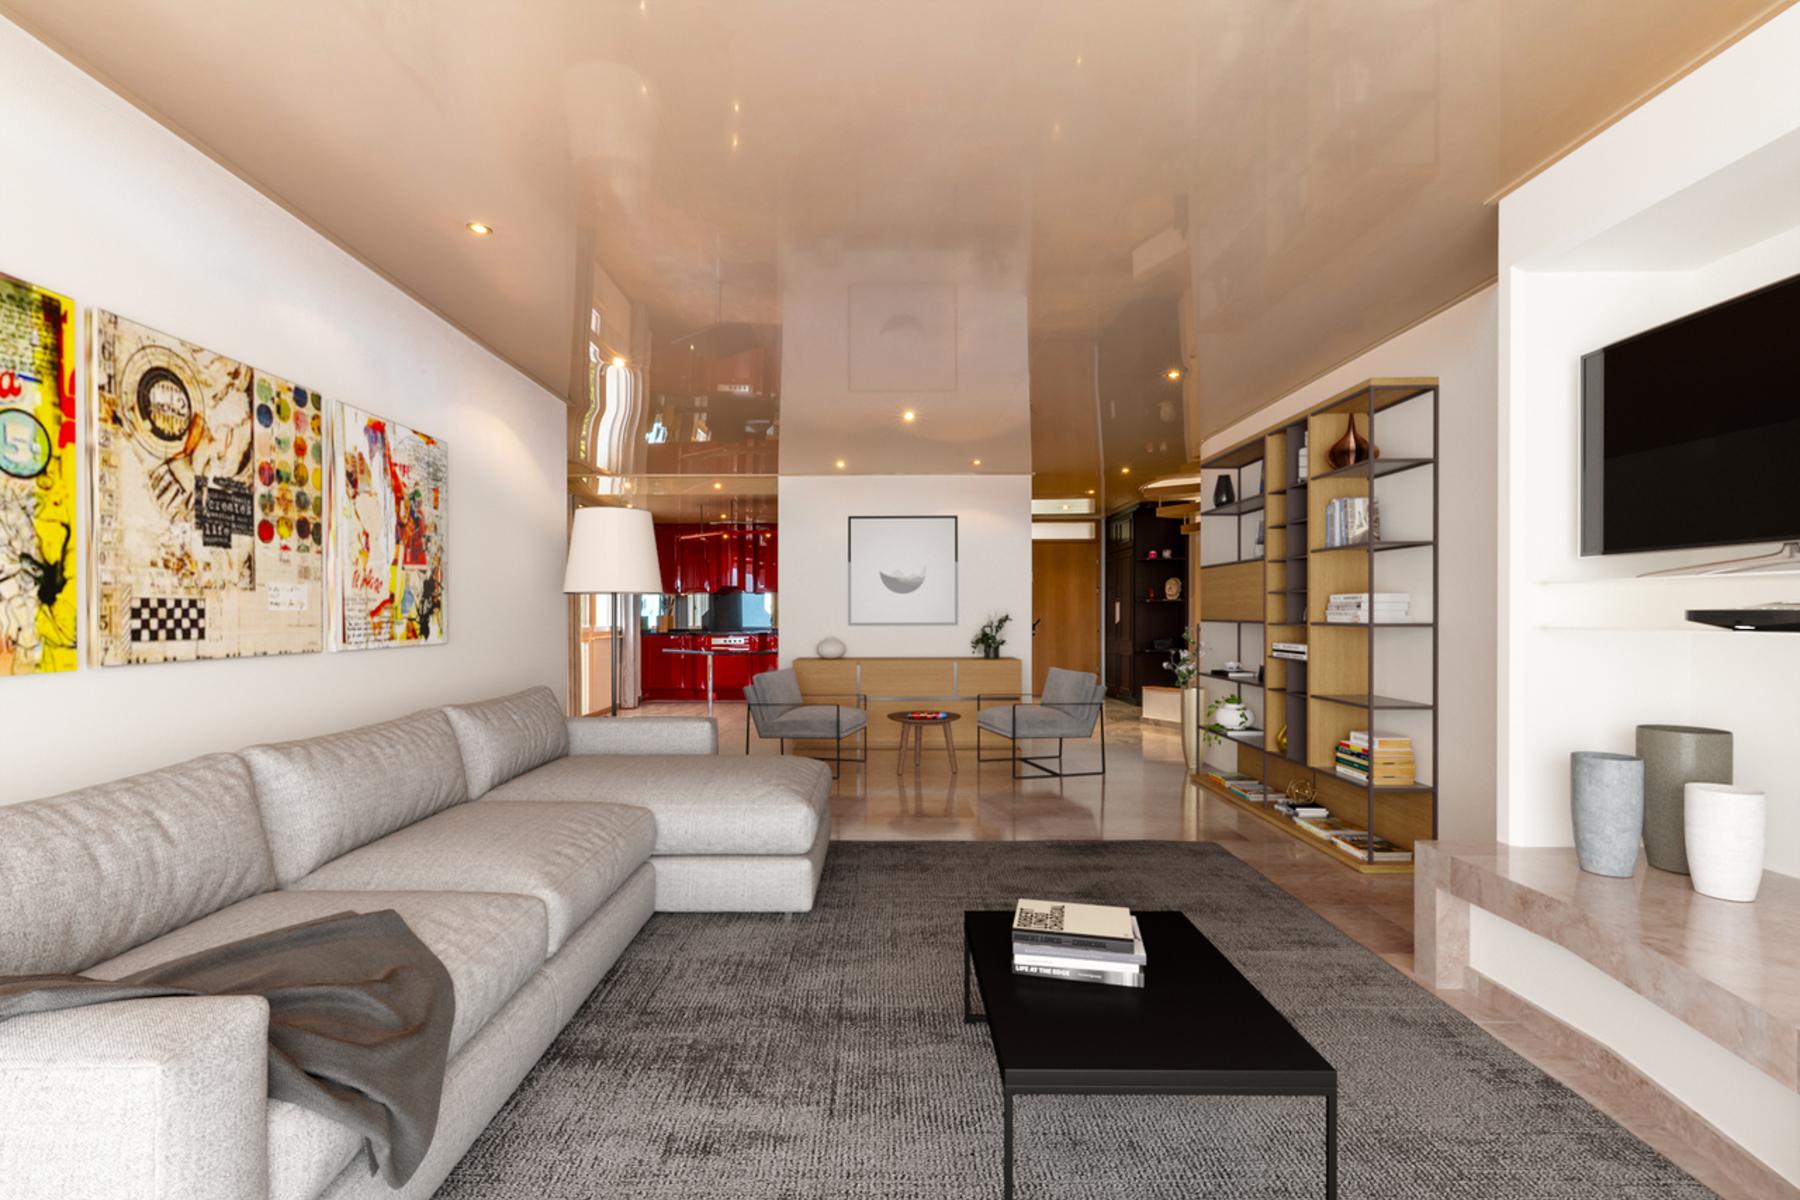 Dúplex por un Venta en 173 sqm apartment on the top floor with lake view Lutry - La Conversion, Lutry La Conversion, Vaud, 1093 Suiza